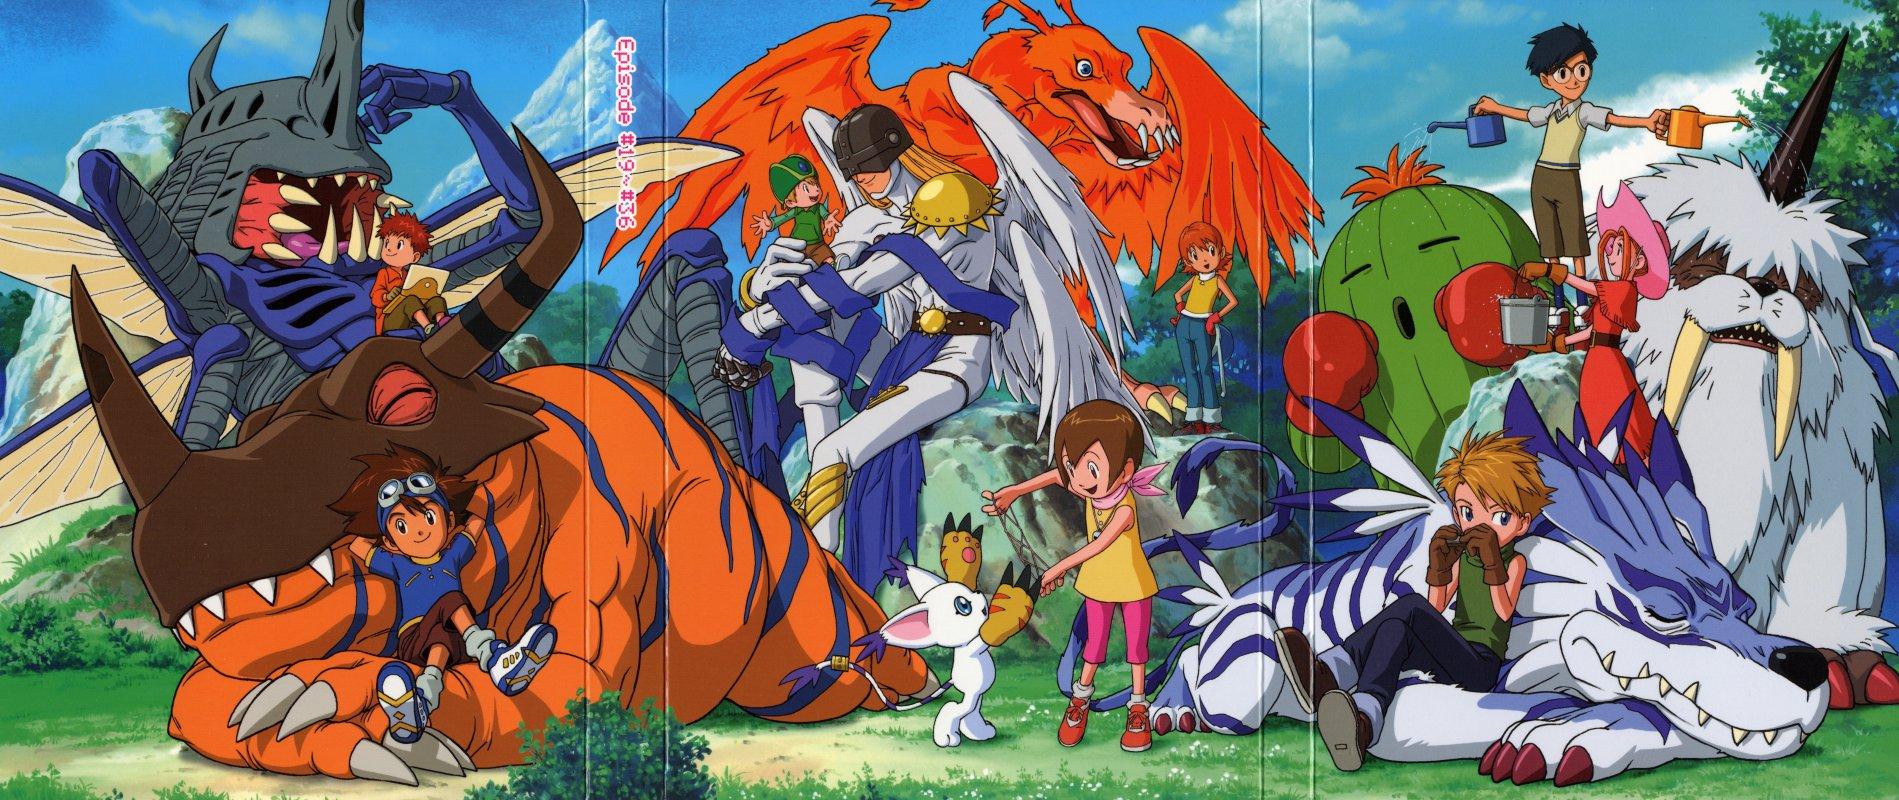 Digimon iPhone Wallpaper on WallpaperSafari